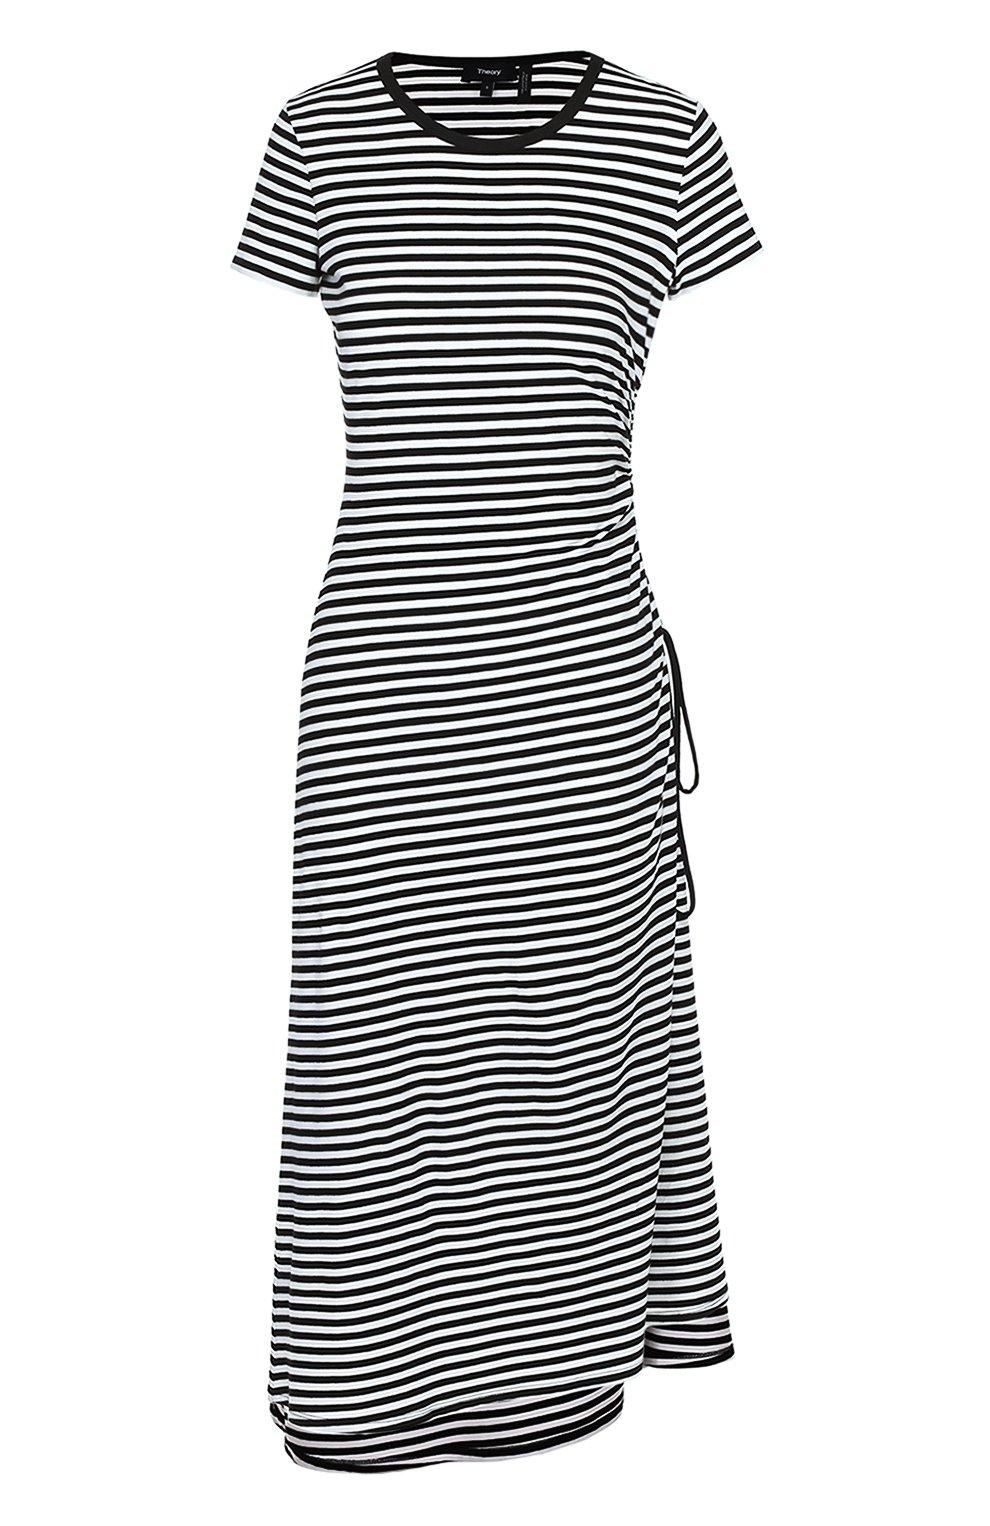 Интернет u женской одежды платье футляр